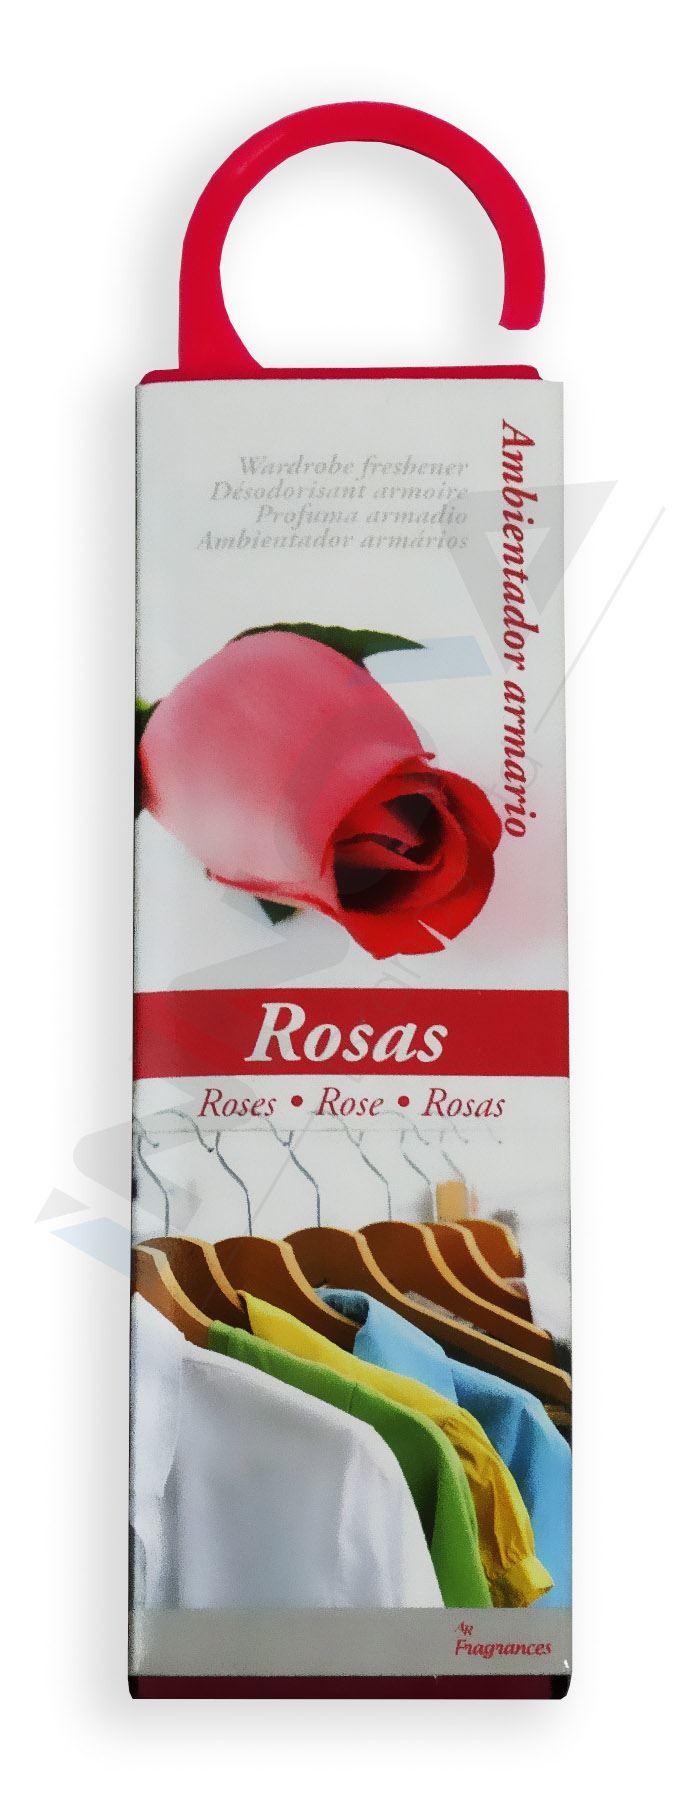 New-Scented-Sachets-Drawer-Fragrance-Bags-Wardrobe-Freshener-Rose-Jasmine-Flower thumbnail 16